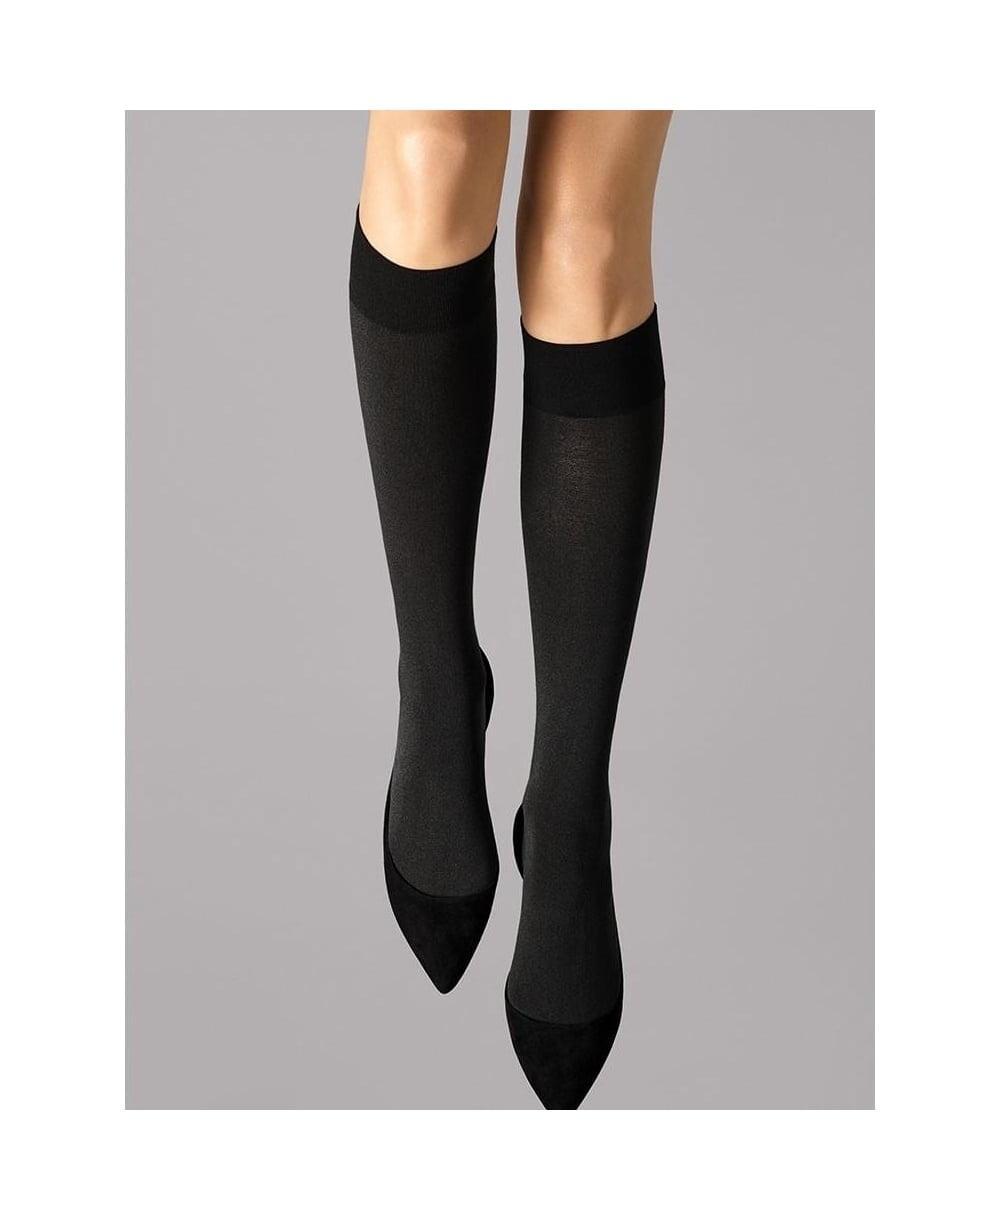 fd41a53b698 Wolford Cotton Velvet Knee-Highs - Socks from luxury-legs.com UK